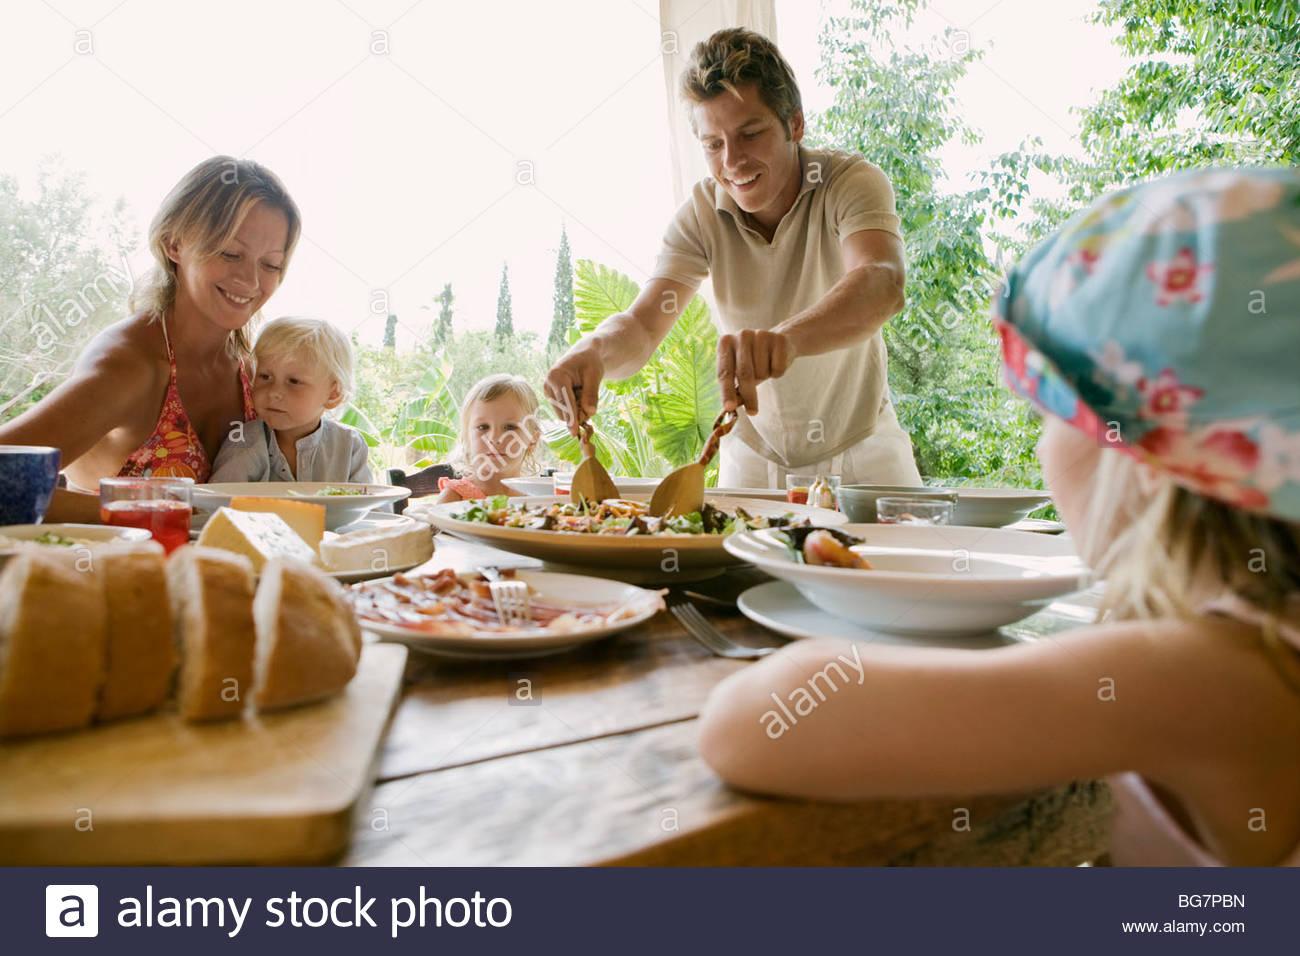 Famiglia di mangiare la cena Immagini Stock